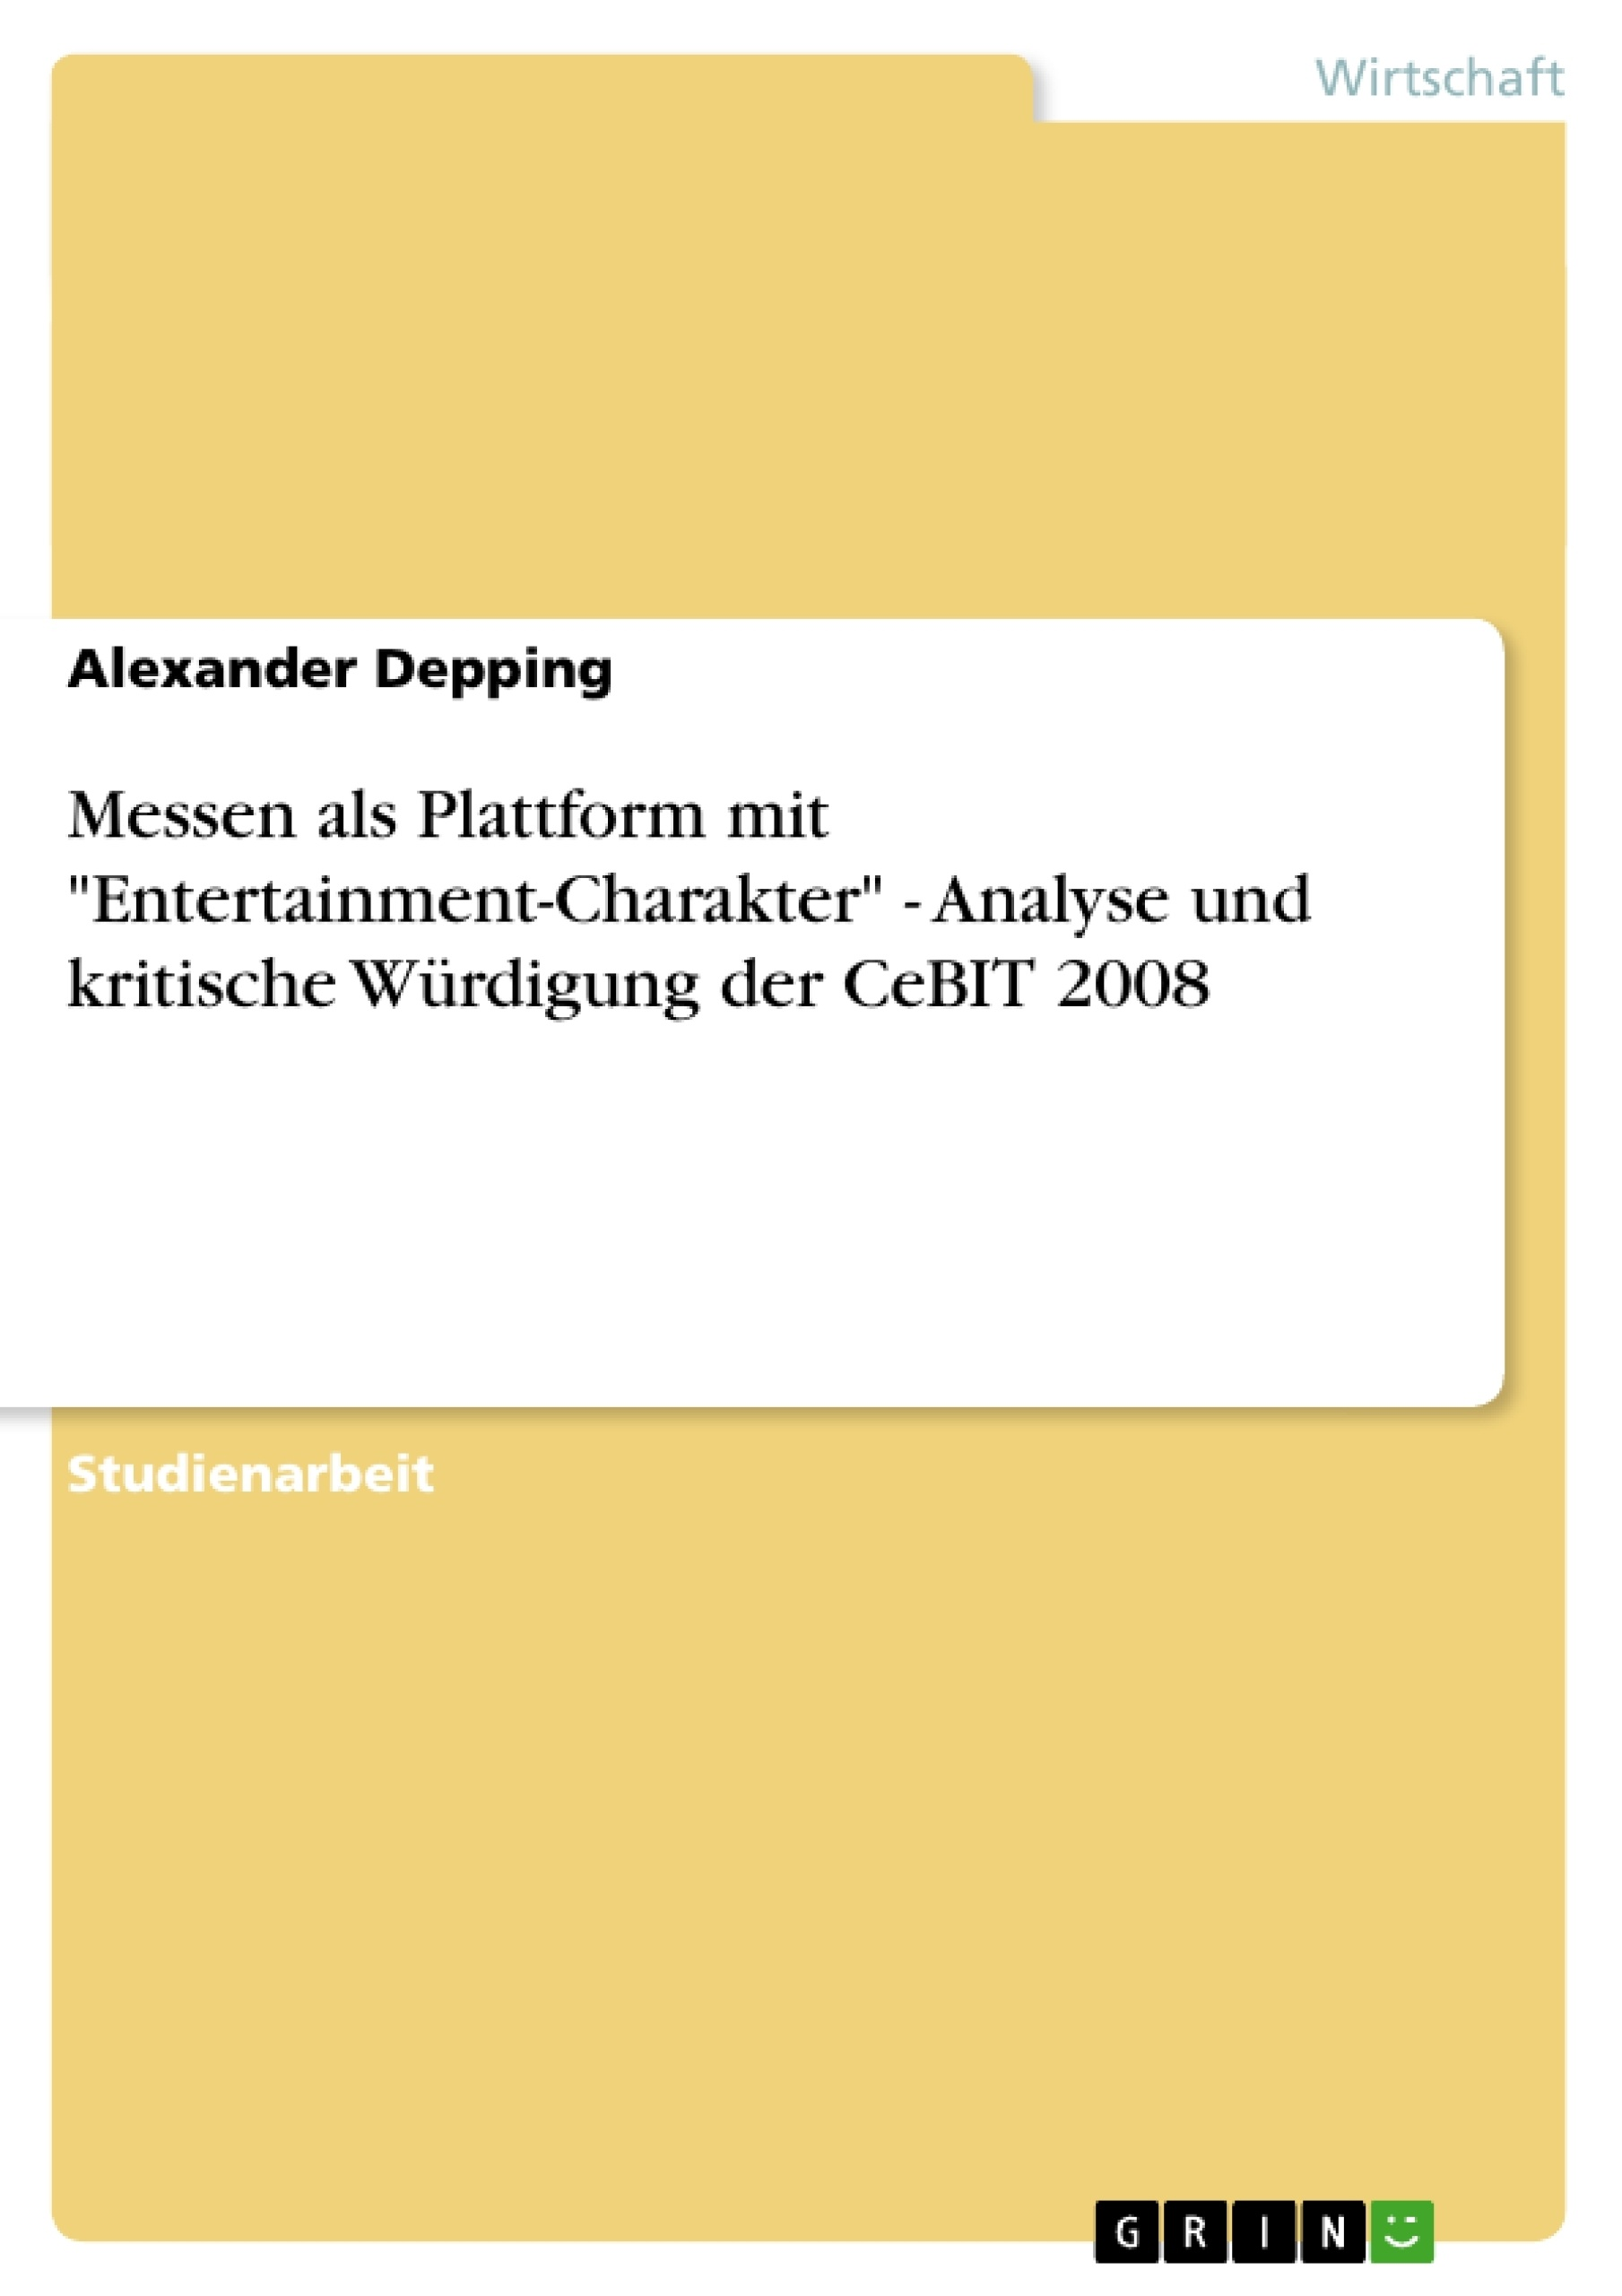 """Titel: Messen als Plattform mit """"Entertainment-Charakter"""" - Analyse und kritische Würdigung der CeBIT 2008"""